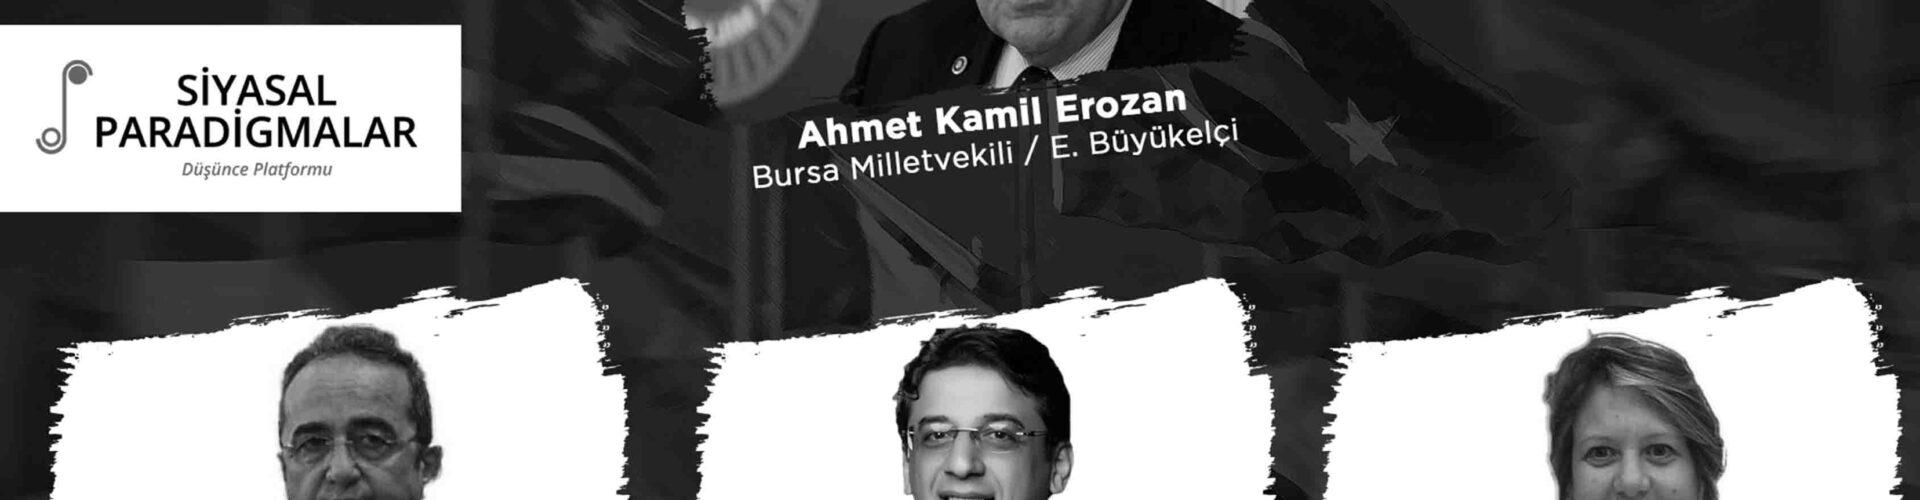 Dünya Halleri'nin Bu Haftaki Konuğu Ahmet Kamil Erozan